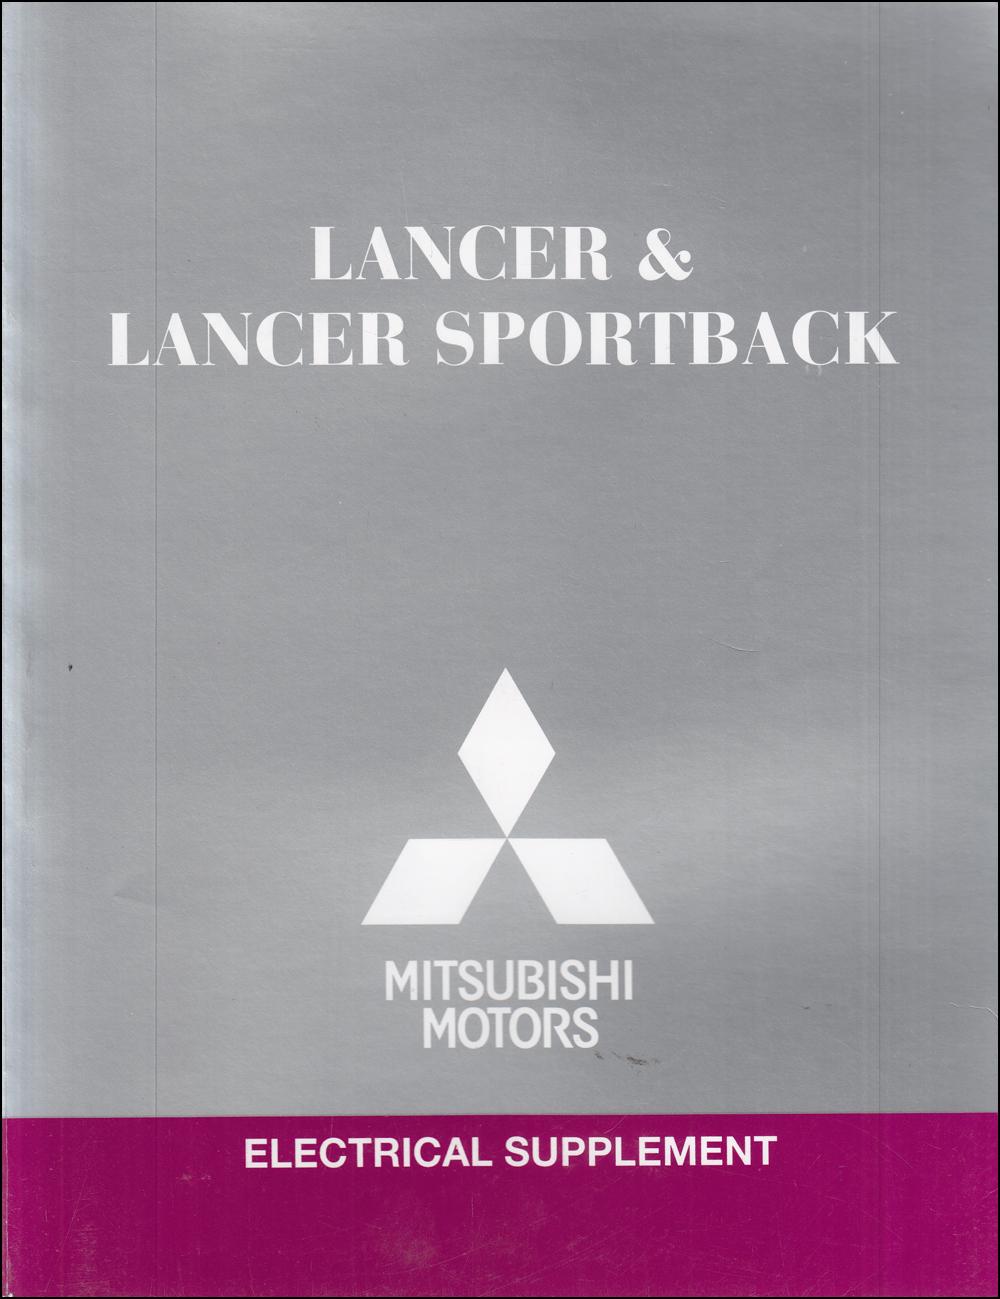 2014 Mitsubishi Lancer  U0026 Lancer Sportback Wiring Diagram